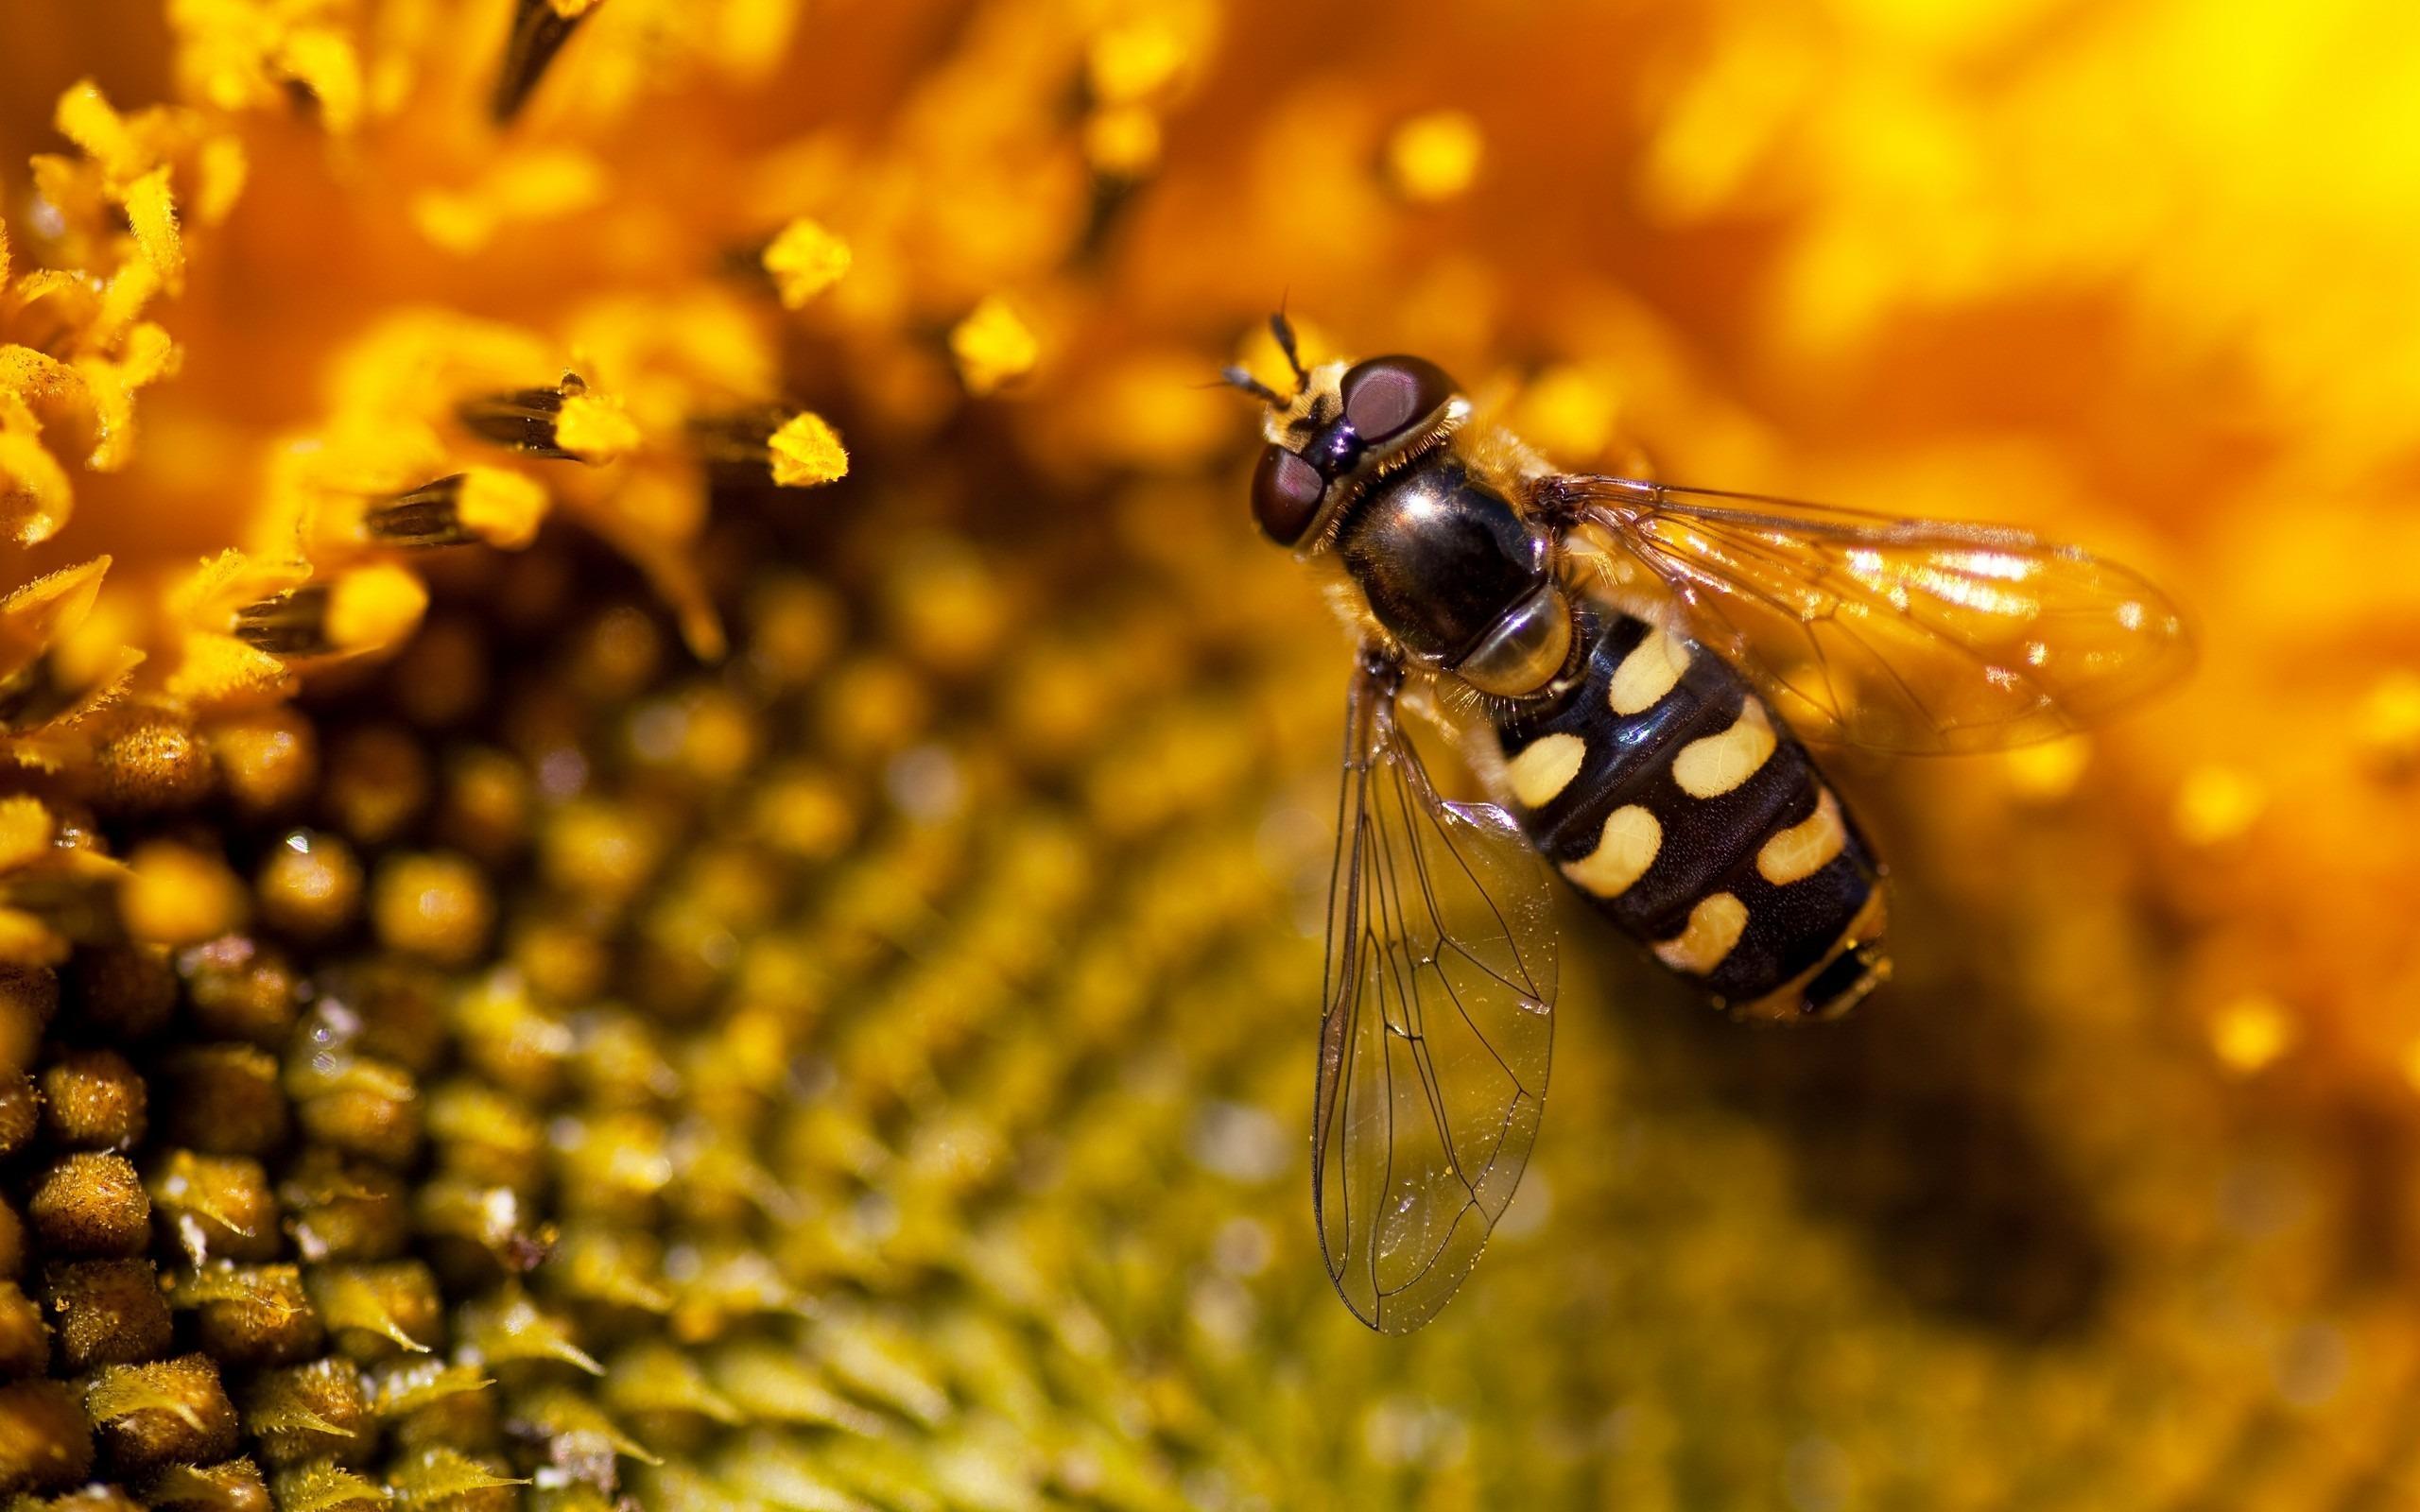 макро одуванчик животное насекомое пчела цветы природа скачать